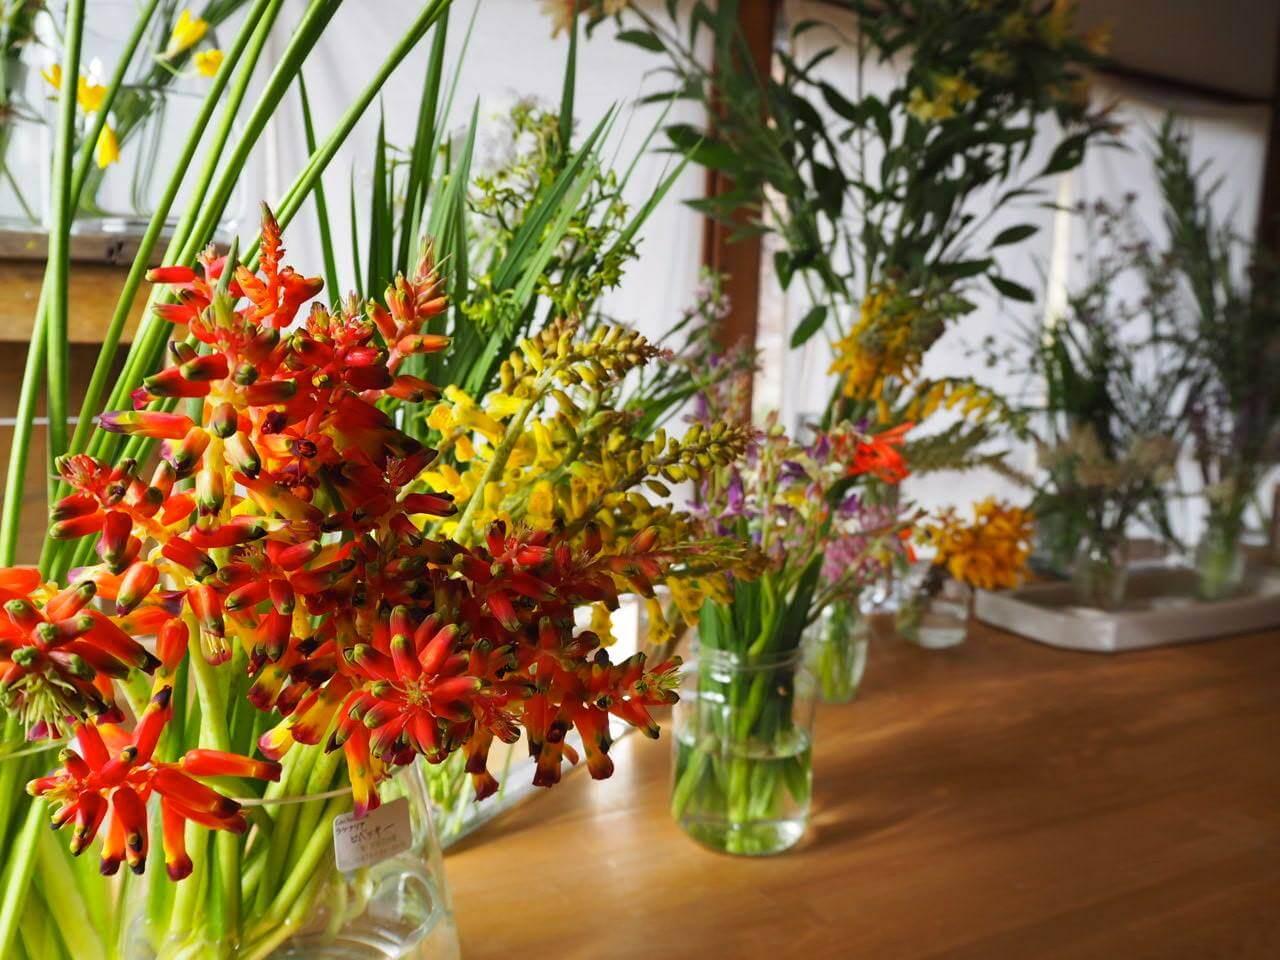 先日特集されていたのは、おすすめの三宅花卉園さんのお花たち。有機栽培で作られたお花で、ガラス細工のように透明感のある、繊細さと力強さを併せ持つフォルムが素敵です。